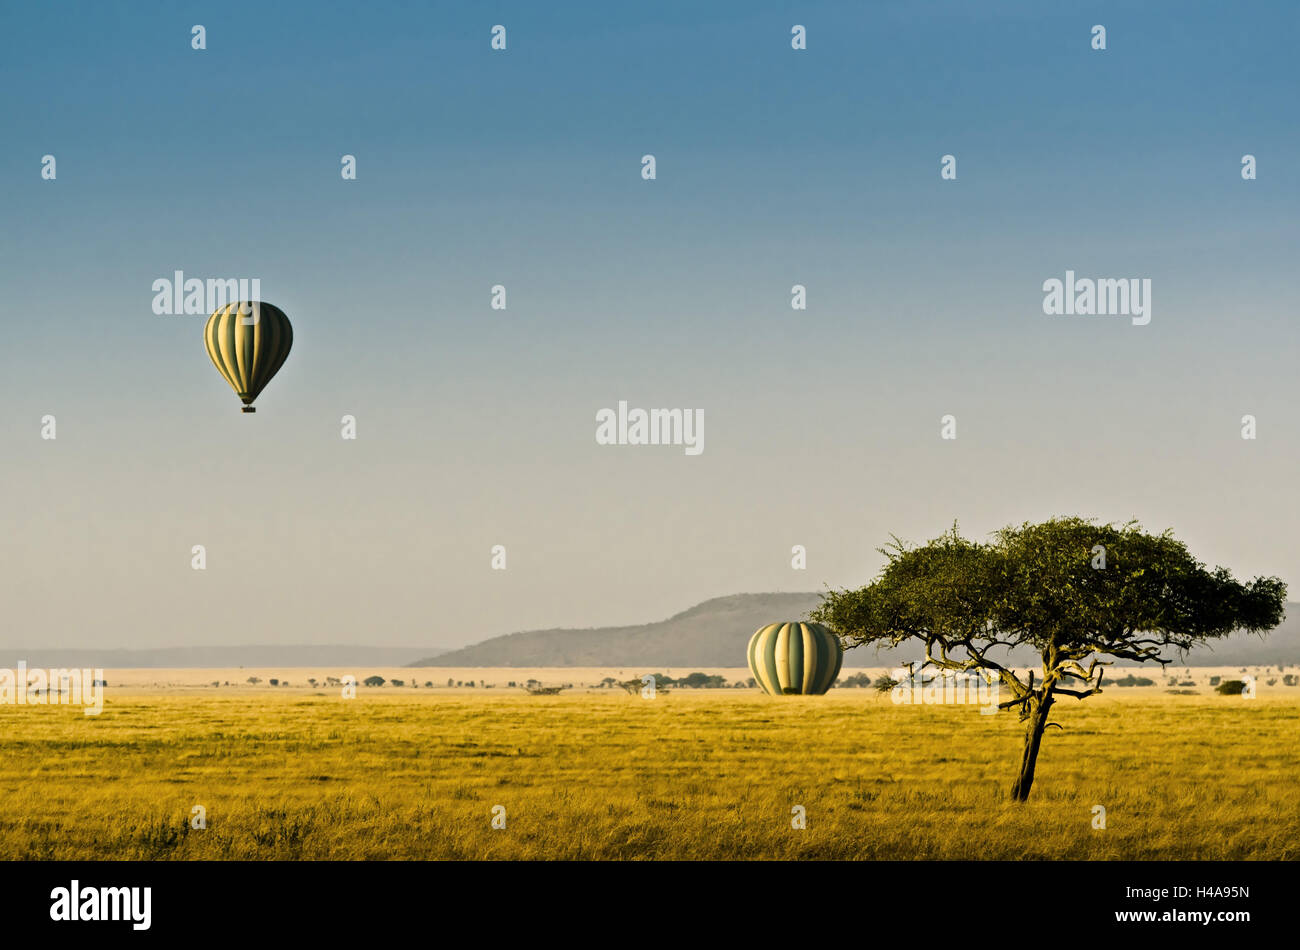 L'Afrique, Tanzanie, Afrique de l'Est, le parc national de Serengeti,, ballon, montgolfière, montgolfière, Photo Stock